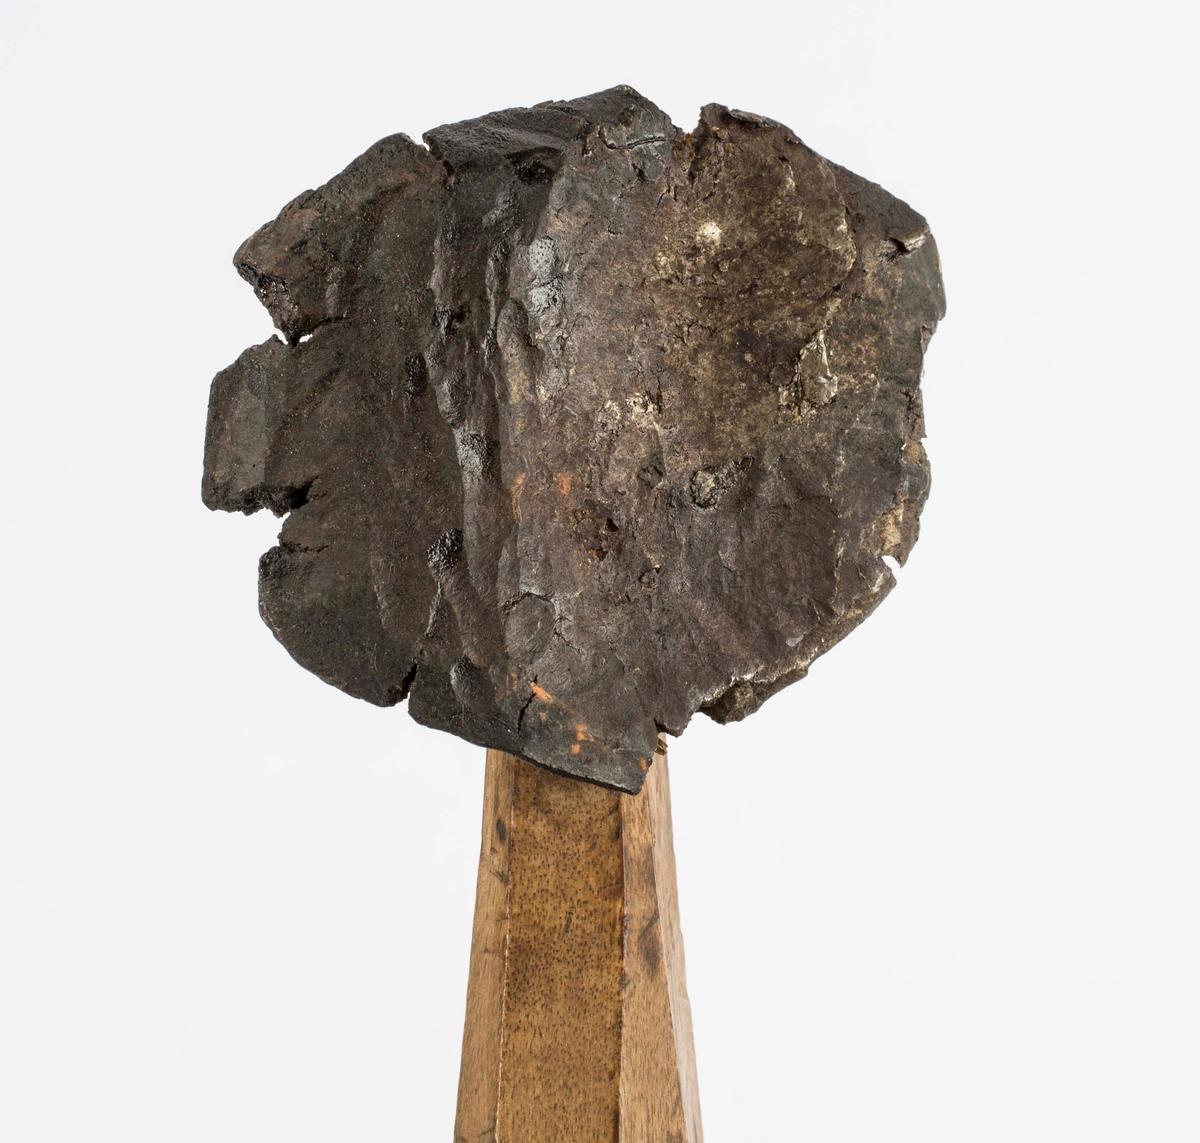 """""""Bruktes til å slå not og fjær i planken som bruktes til vannsumper. Not og fjær passet til hinannen da vannet kom til svellet de ut og ble helt tette."""" NTM: """"Disse bruktes når man skulle bygge en vannsump. Planken var ikke høvlet eller pløyd. Det ble så på sidene med disse sinker slått inn not og fjær idet man slo på sinken med en slegge. Da planken på denne måte ble satt sammen og utsatt for vannet, este planket ut igjen og det hele ble meget tett."""" Jf. BVM 346."""